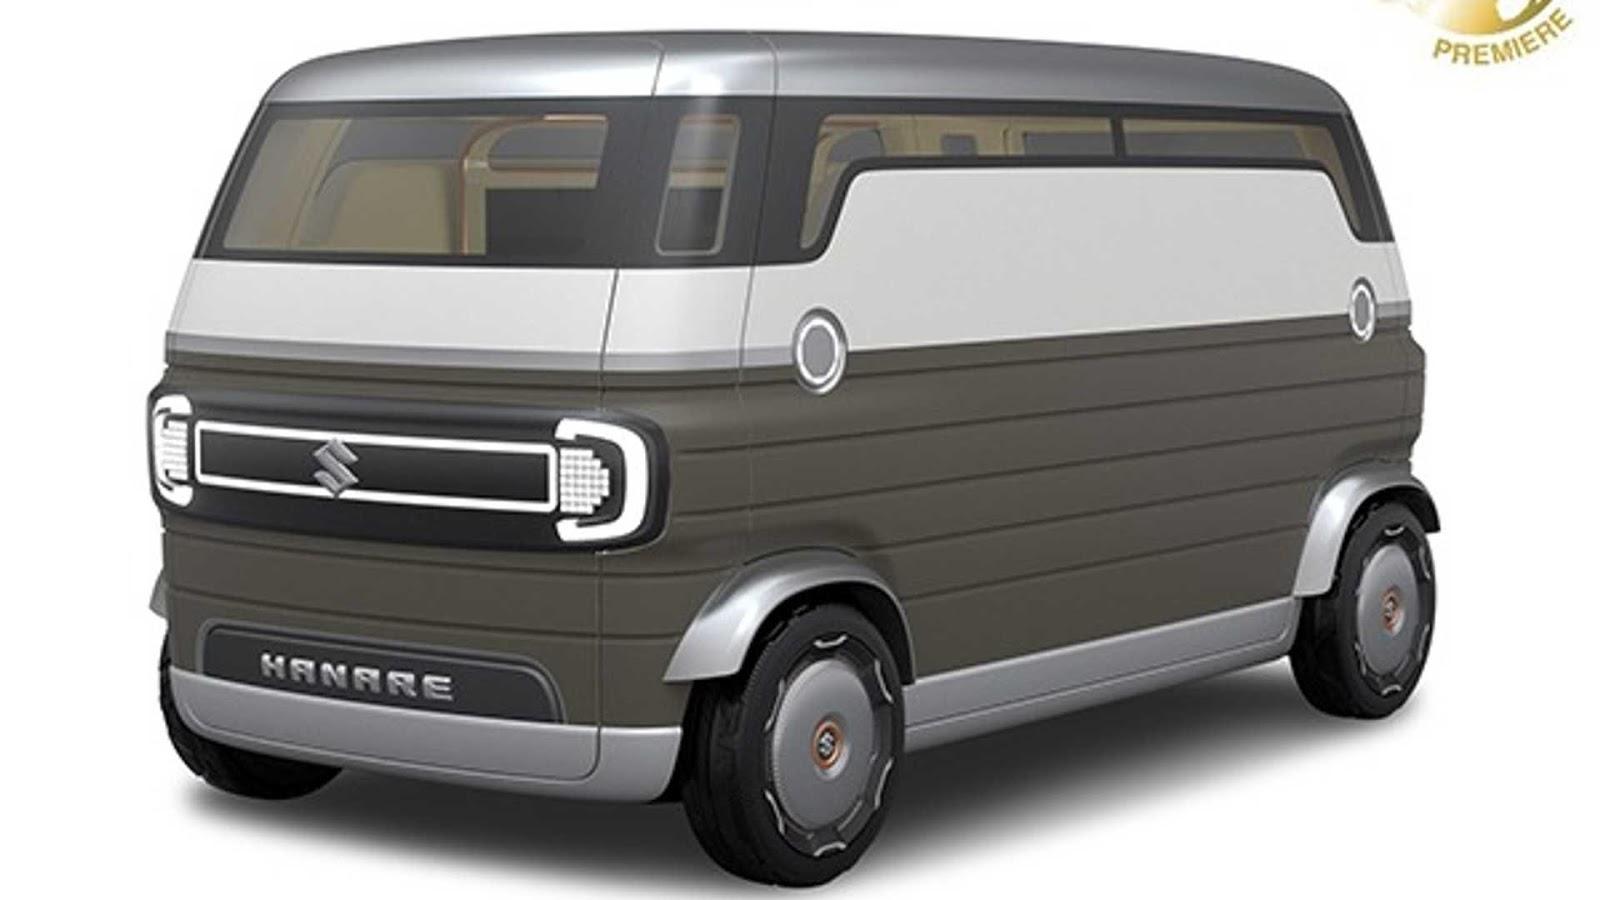 Suzuki presentará conceptuales pequeños en el Autoshow de Tokio